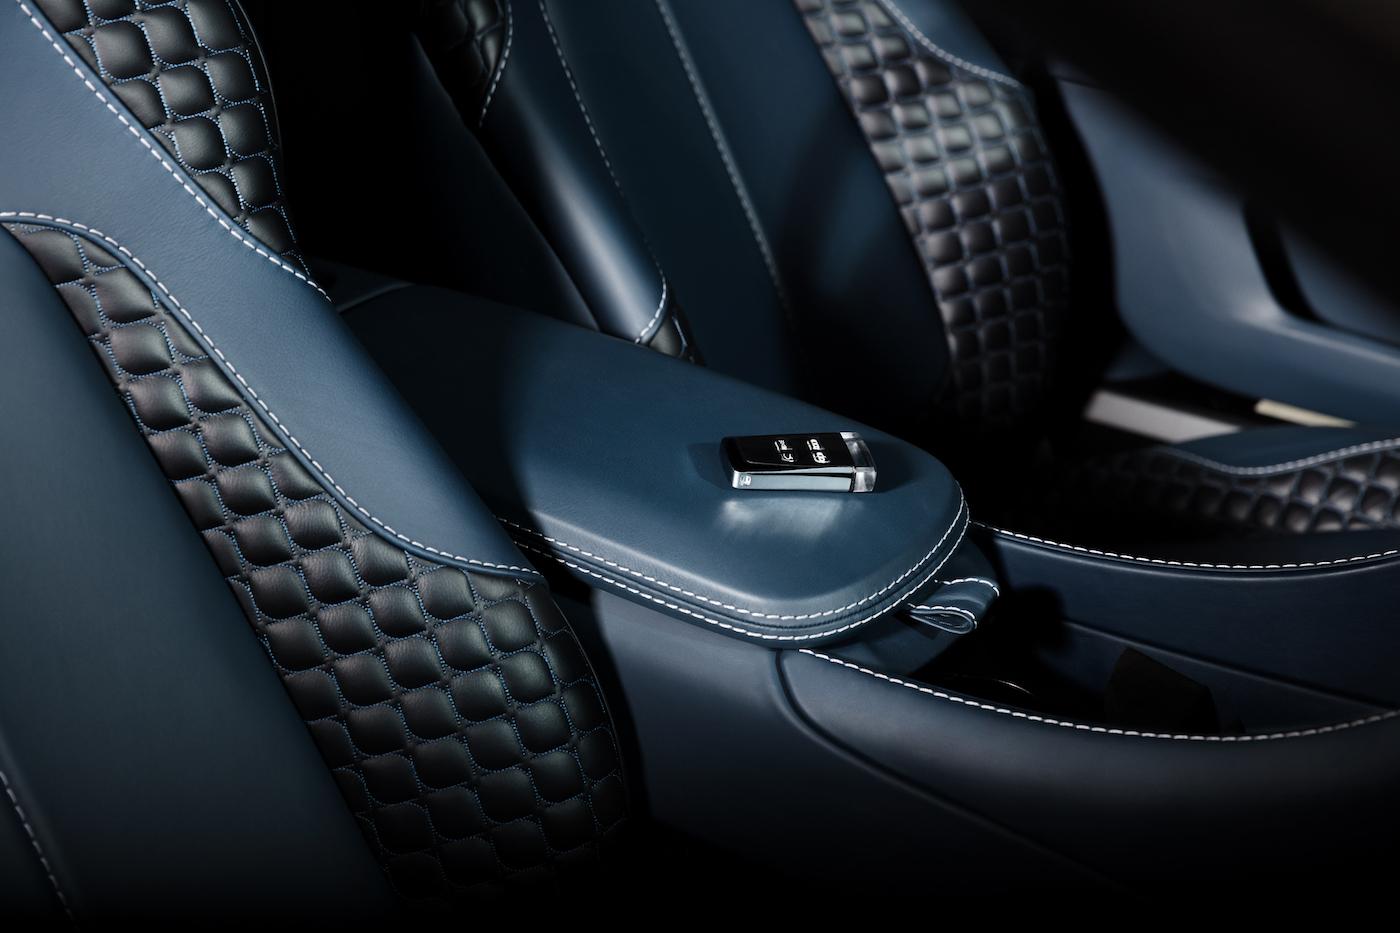 007: Daniel Craig's Aston Martin Vanquish wird in New York versteigert 4